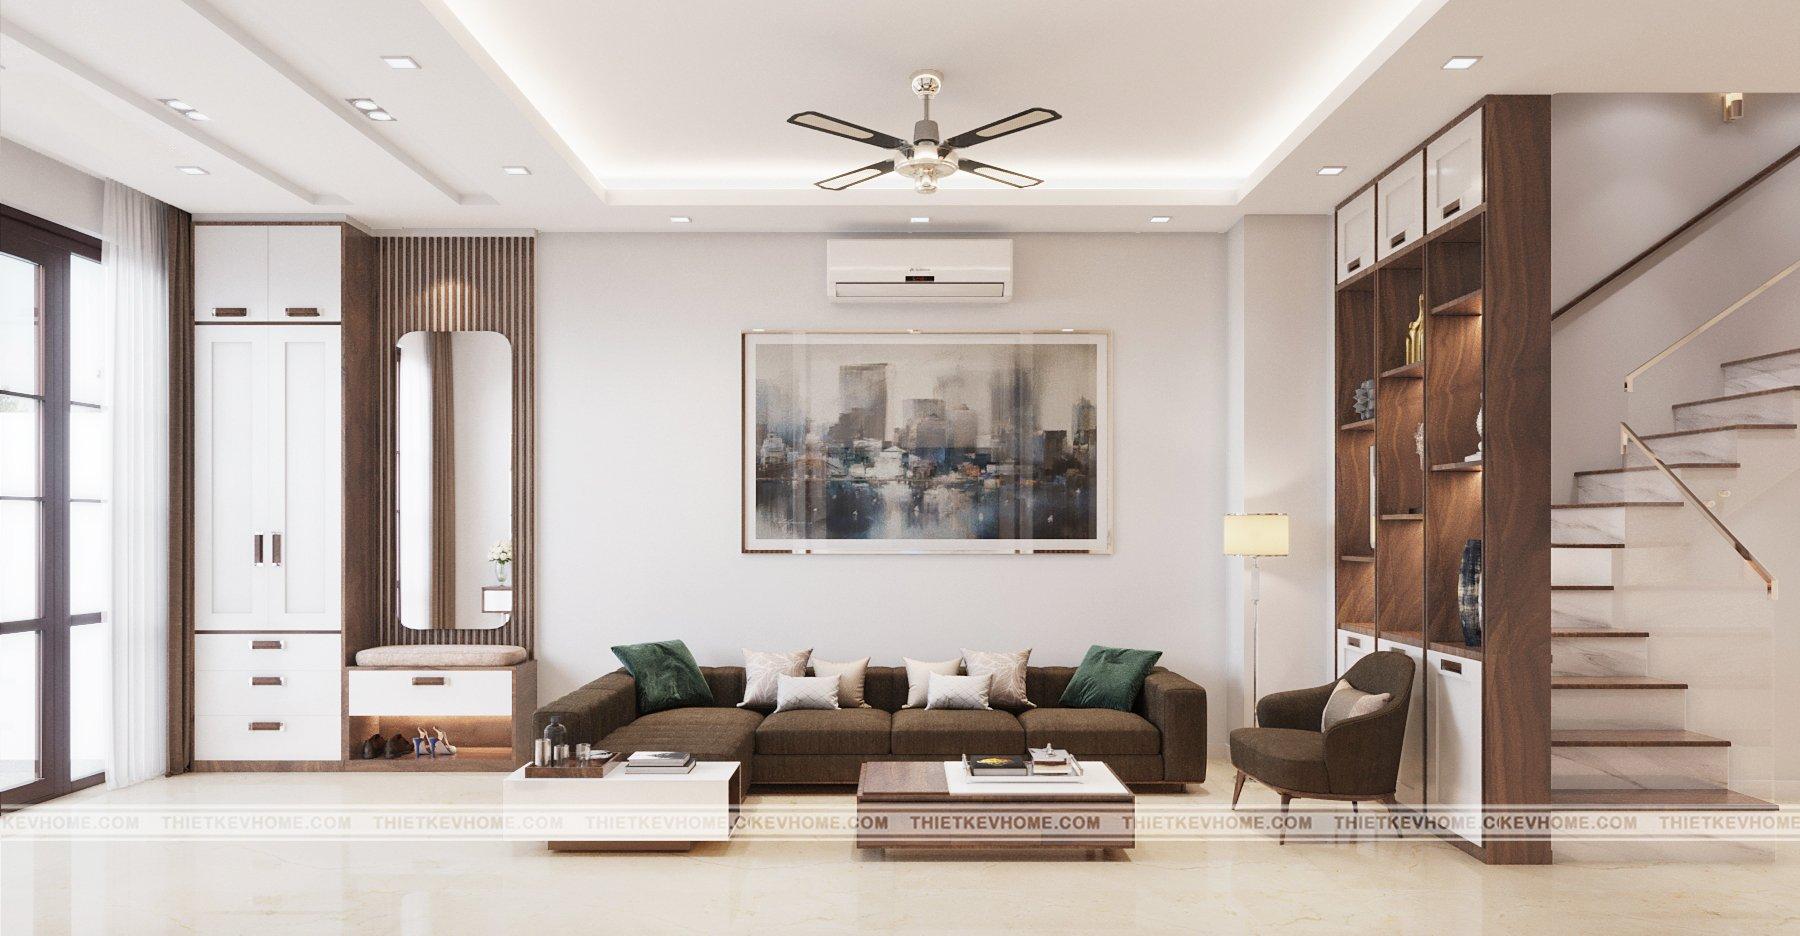 Mẫu thiết kế nội thất cần phải đảm bảo sự an toàn và độ bền vững cao